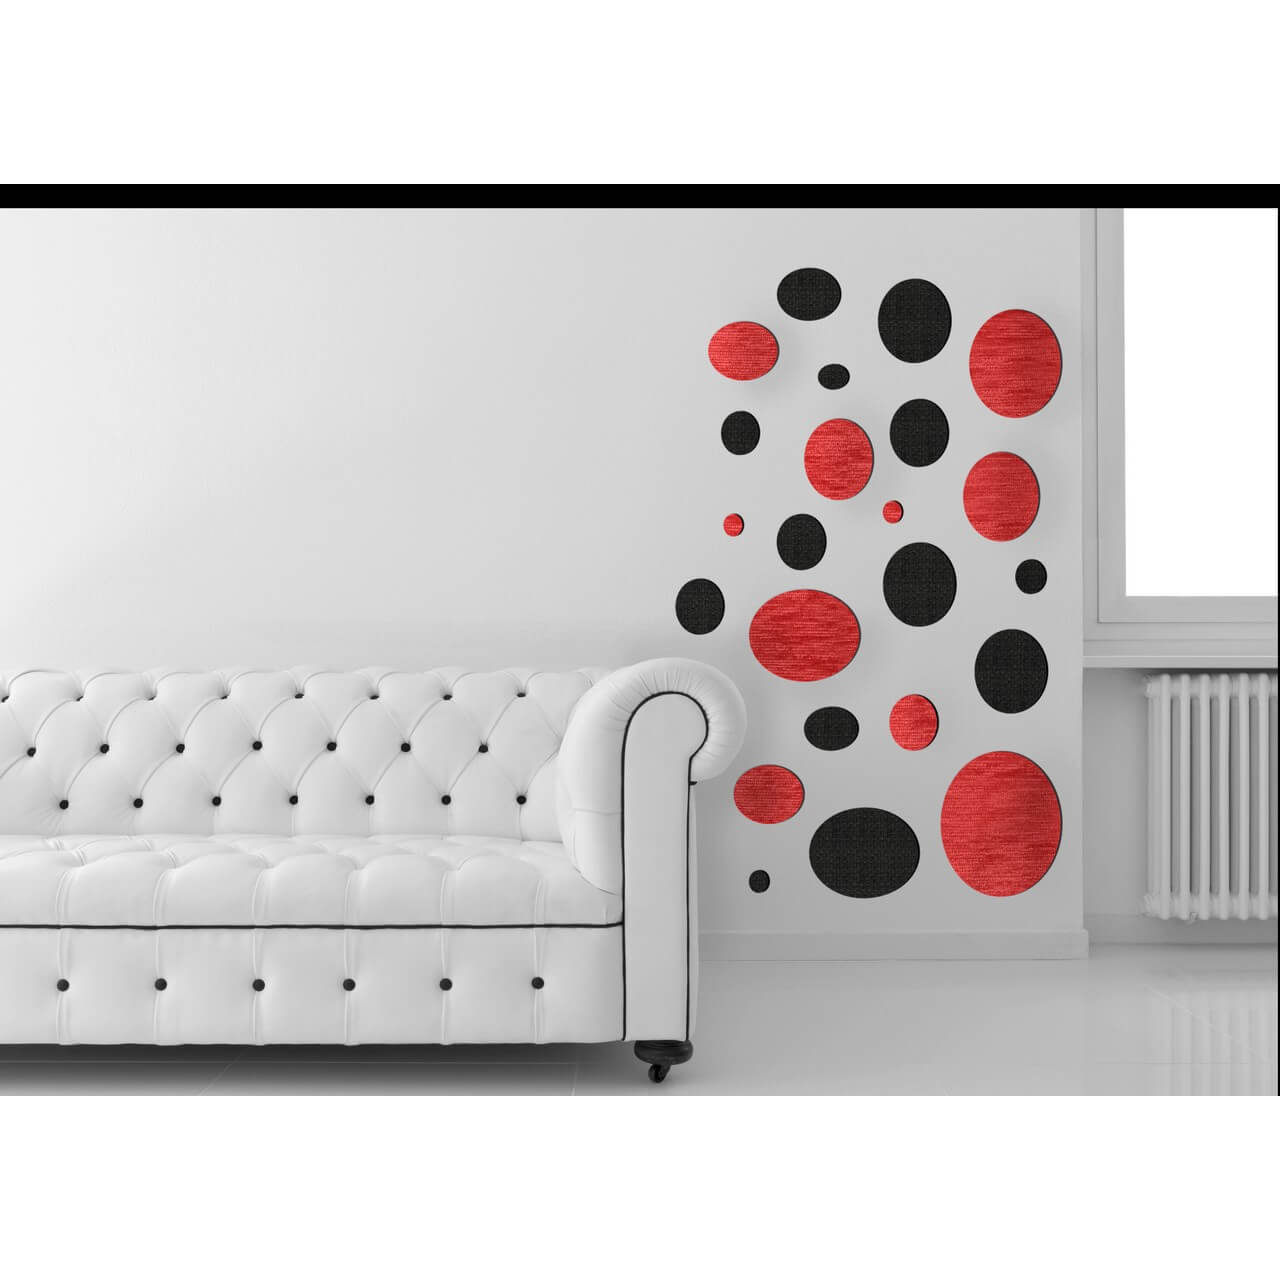 Política de privacidad de decoración mural Lola Paris